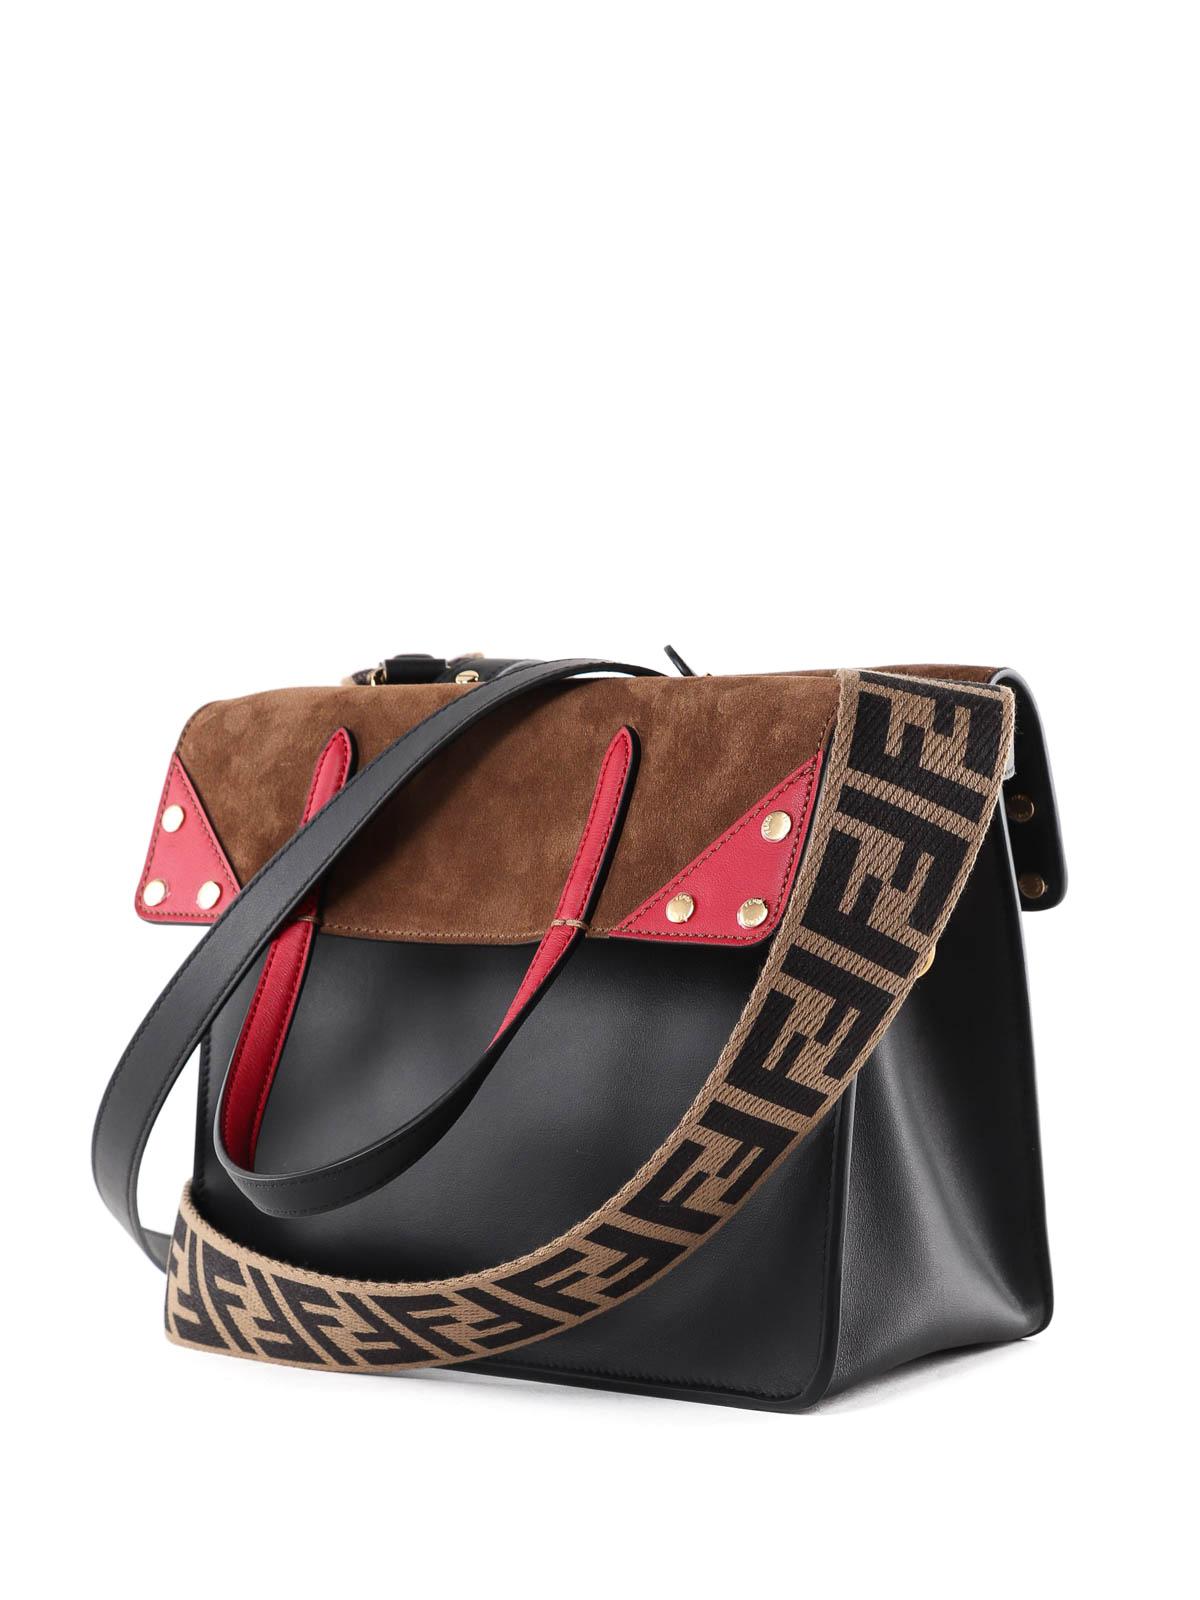 cdaf4931ac7c iKRIX FENDI  shoulder bags - Flip Regular leather and suede bag